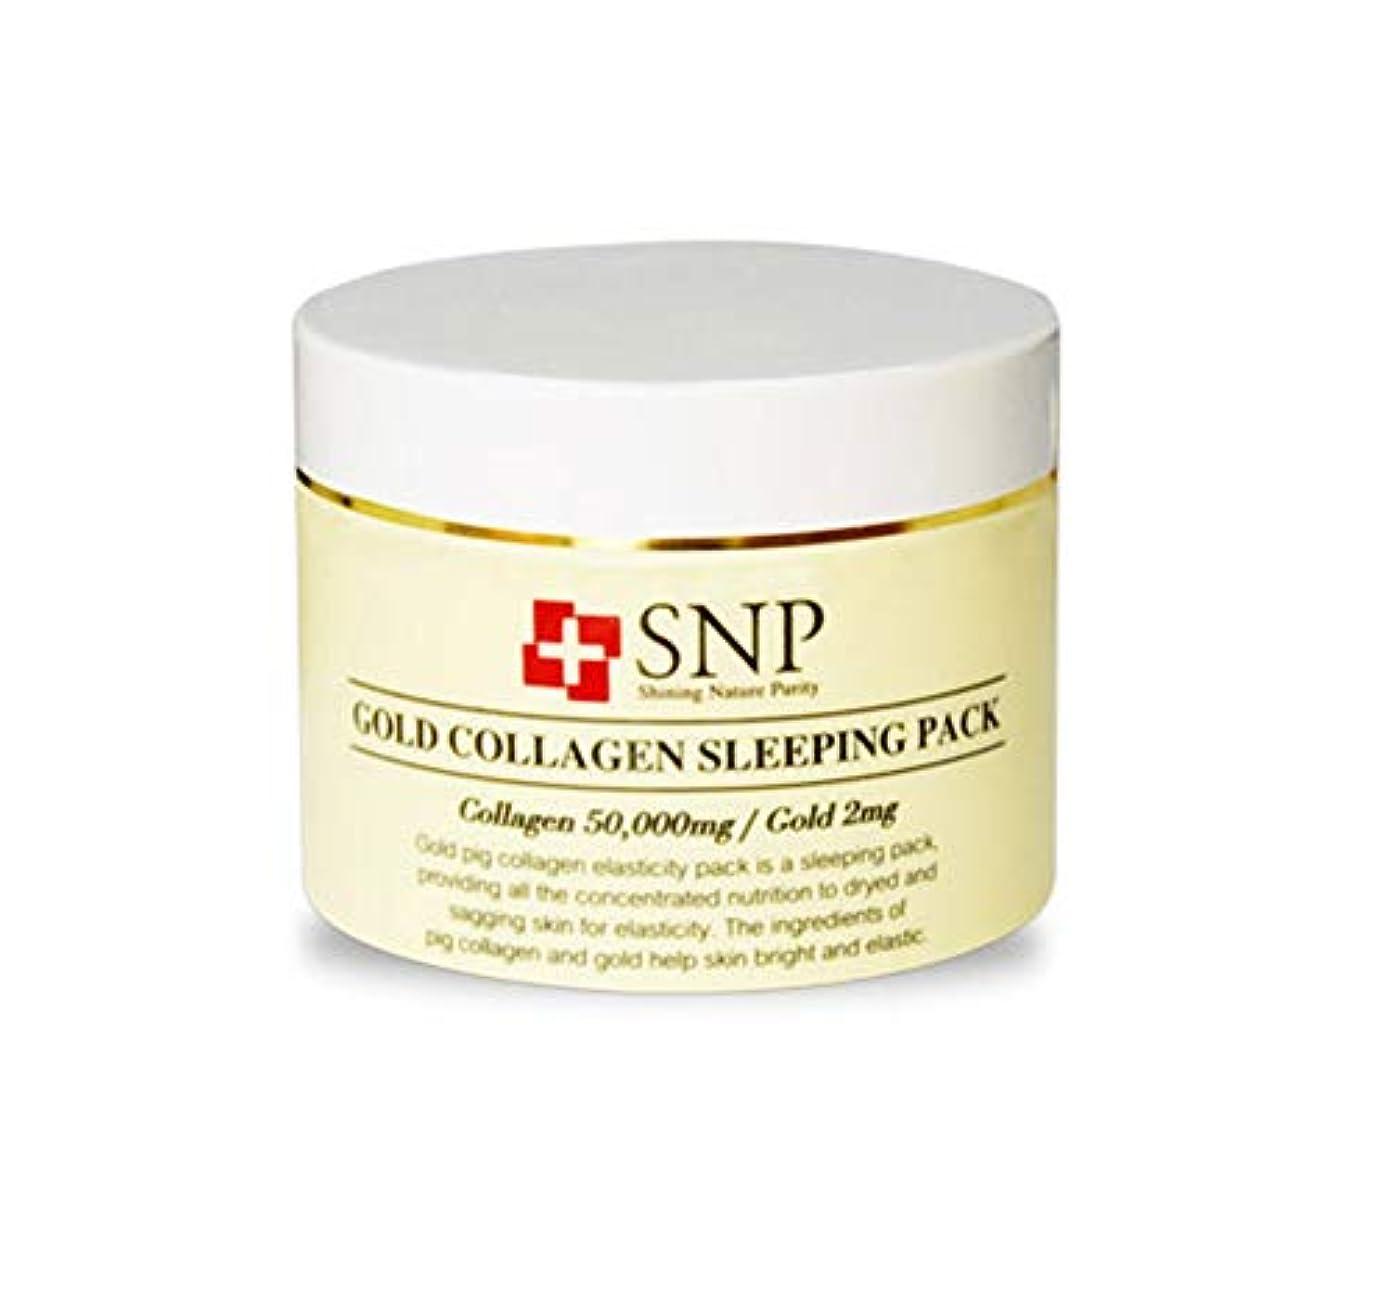 予見するはがきマイナスエスエンピSNP 韓国コスメ ゴールドコラーゲンスリーピングパック睡眠パック100g 海外直送品 SNP Gold Collagen Sleeping Pack Night Cream [並行輸入品]